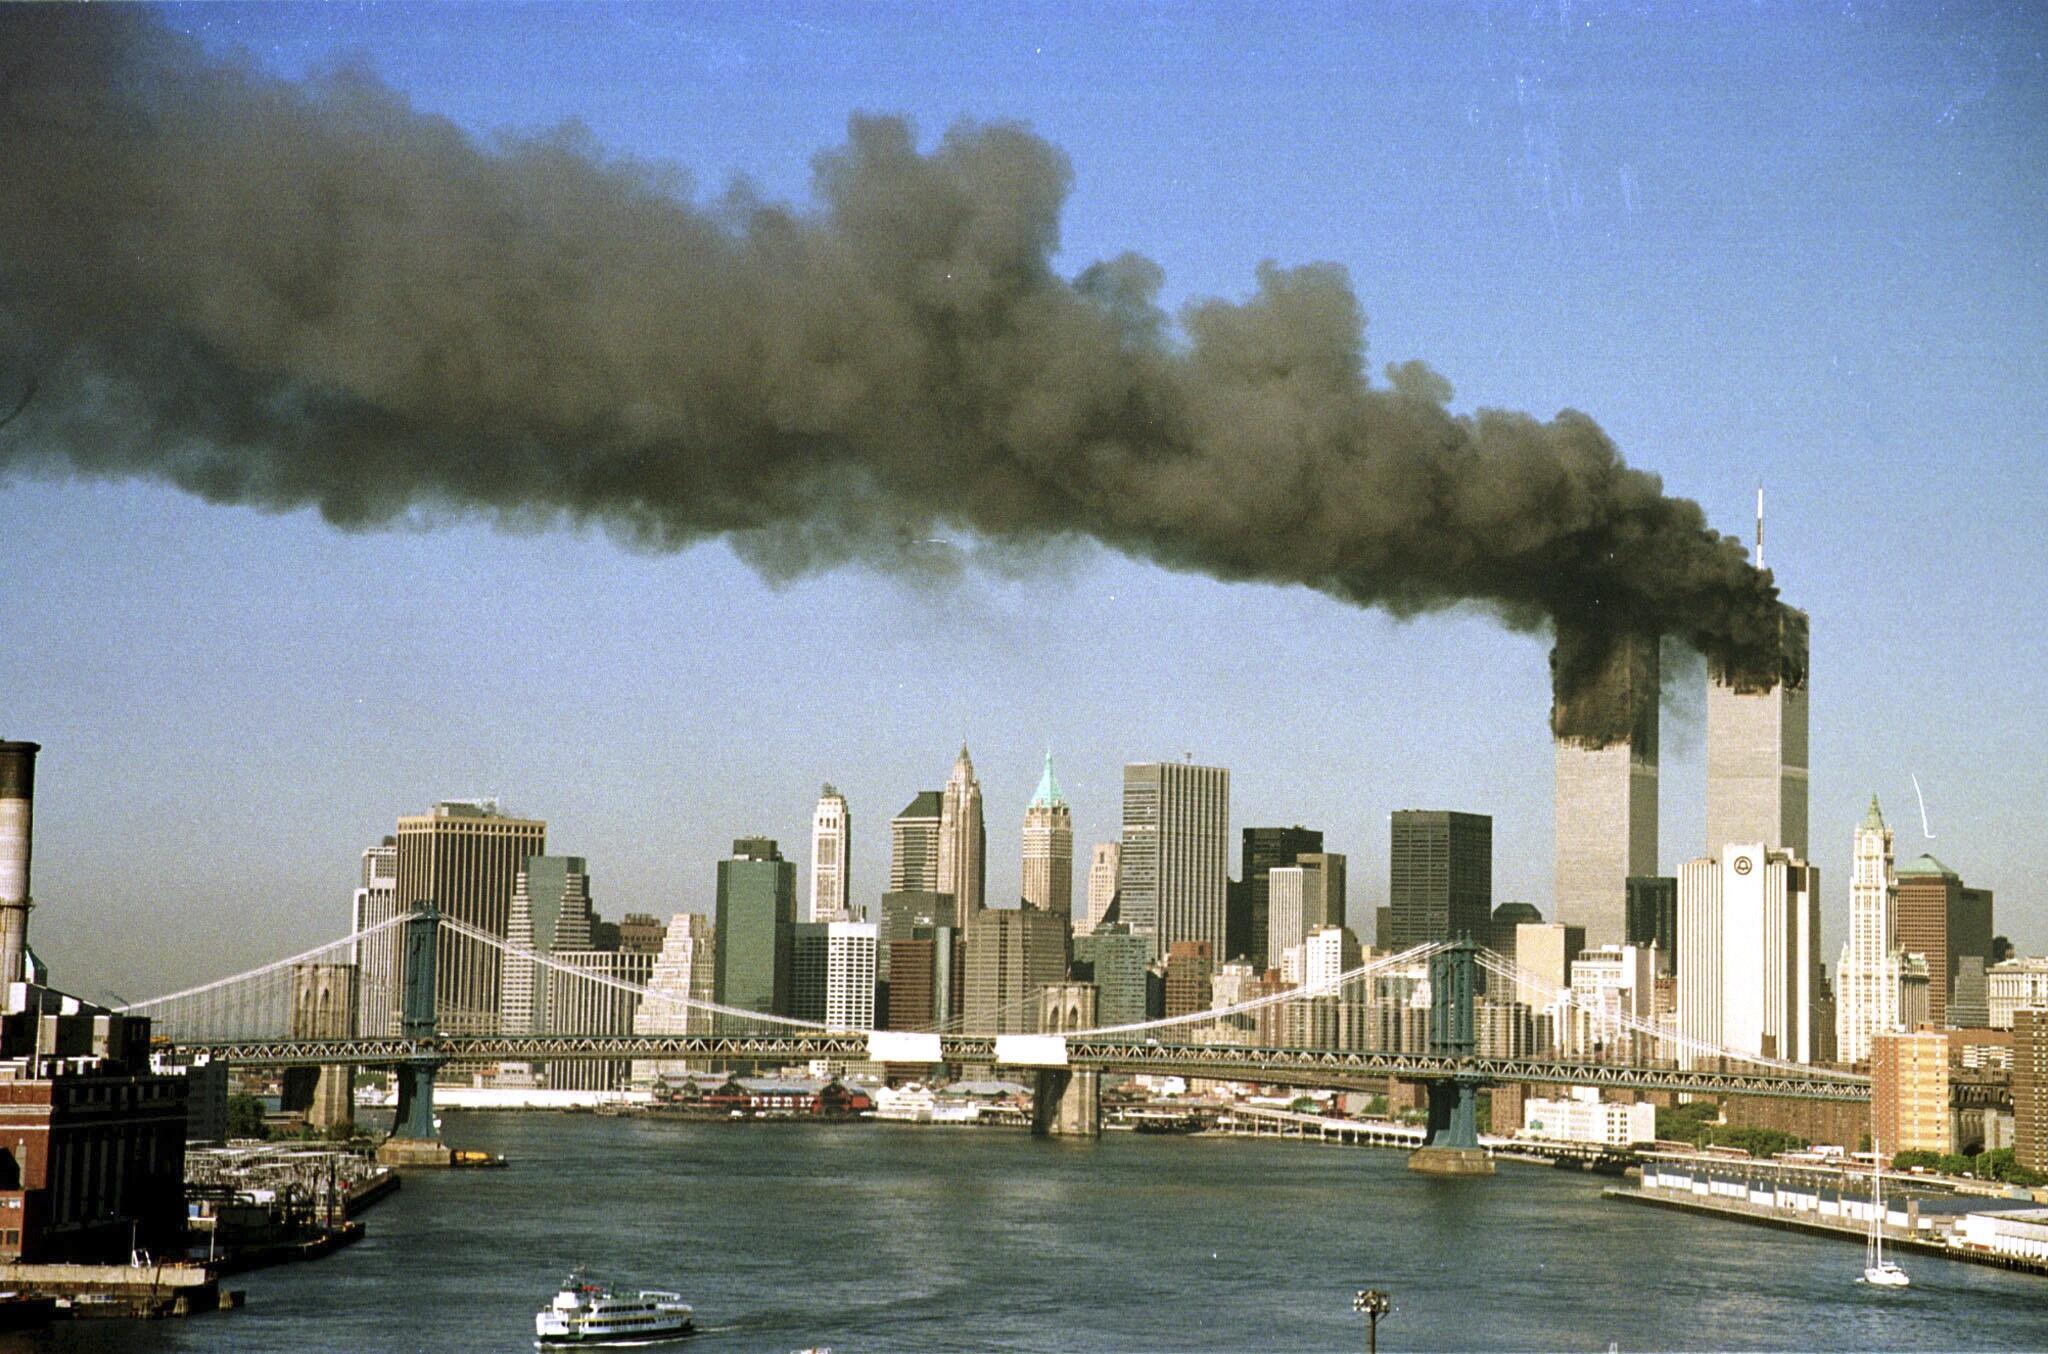 Les attentats du 11 septembre 2001 contre le World Trade Center, à New York.